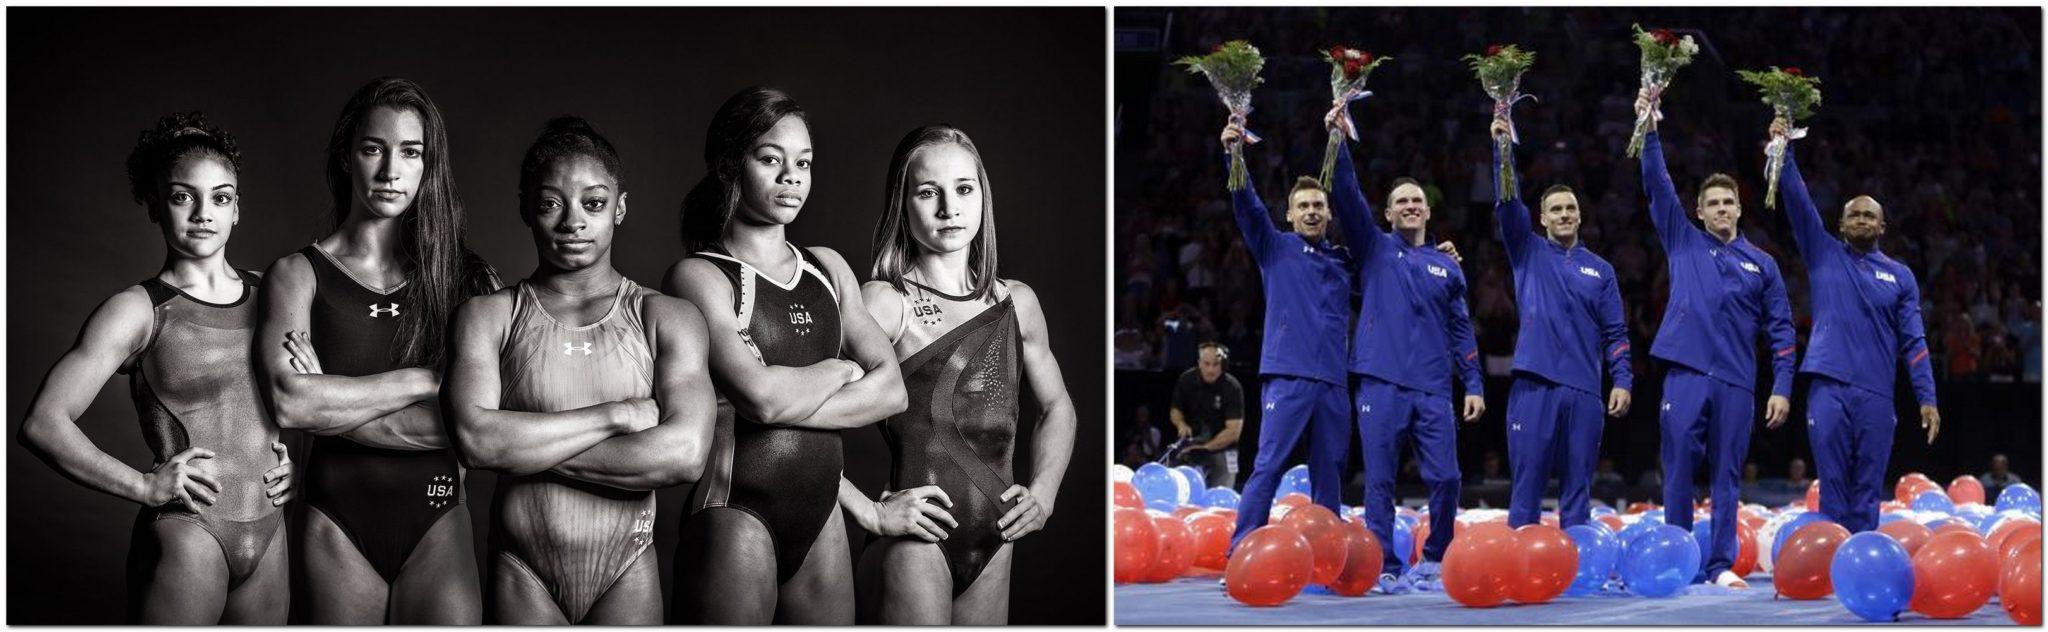 USA Olympic Gimnastic Team